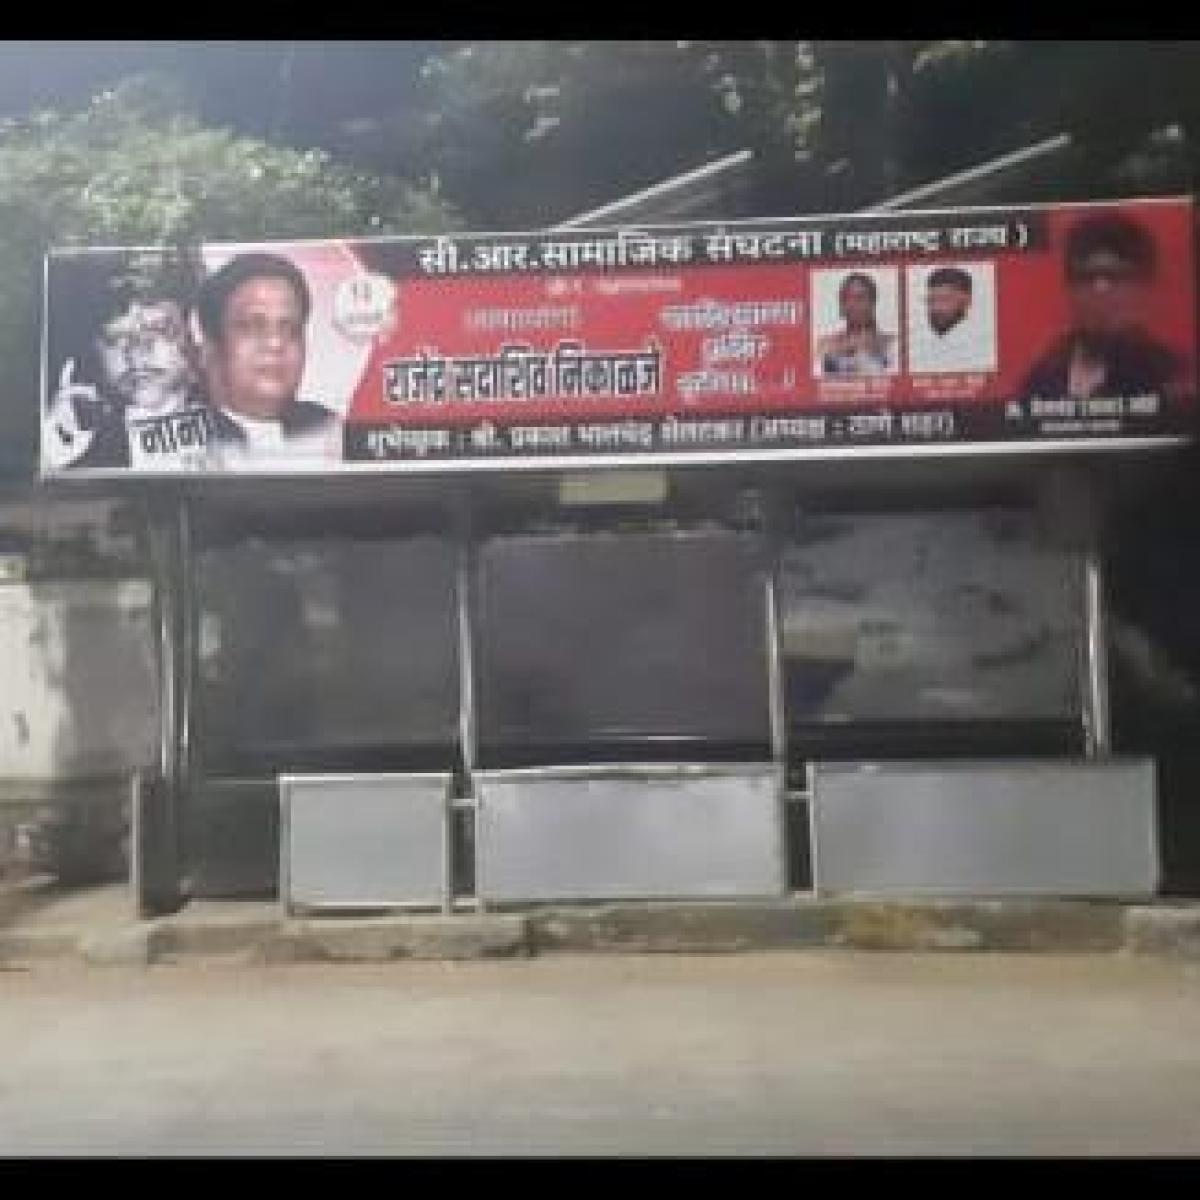 Chhota Rajan's birthday banner creates panic in Thane